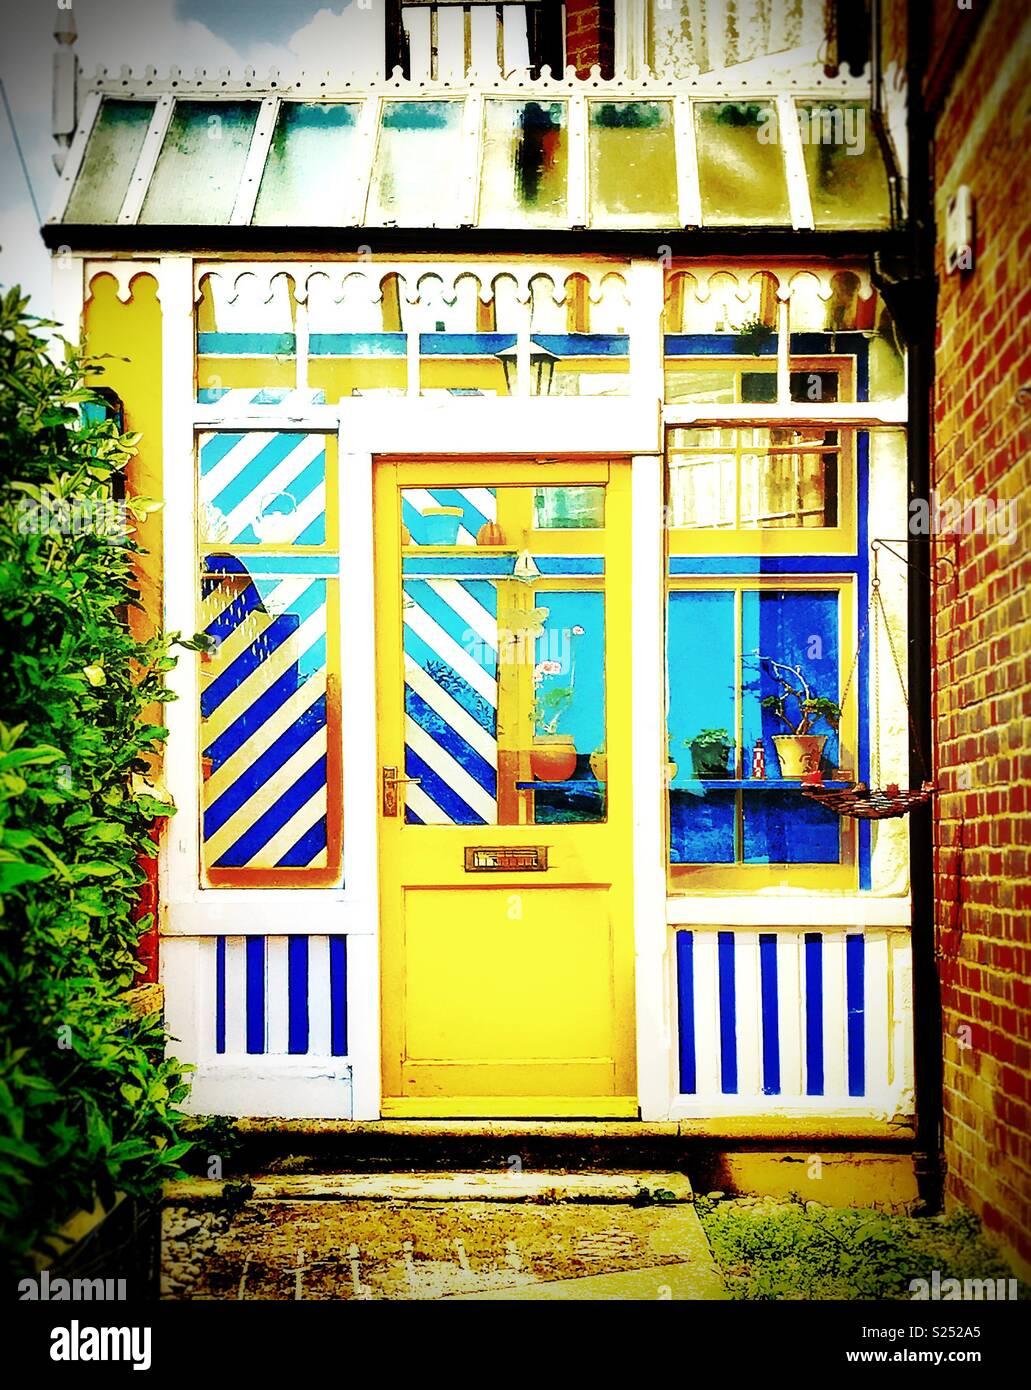 Überdachte Seite Eingangsportal, Im Viktorianischen Stil, Mit Hellen Gelb,  Blau Weiß Gestreifte Verkleidungen Und Glas Dachschräge, Littlehampton,  Sussex, ...